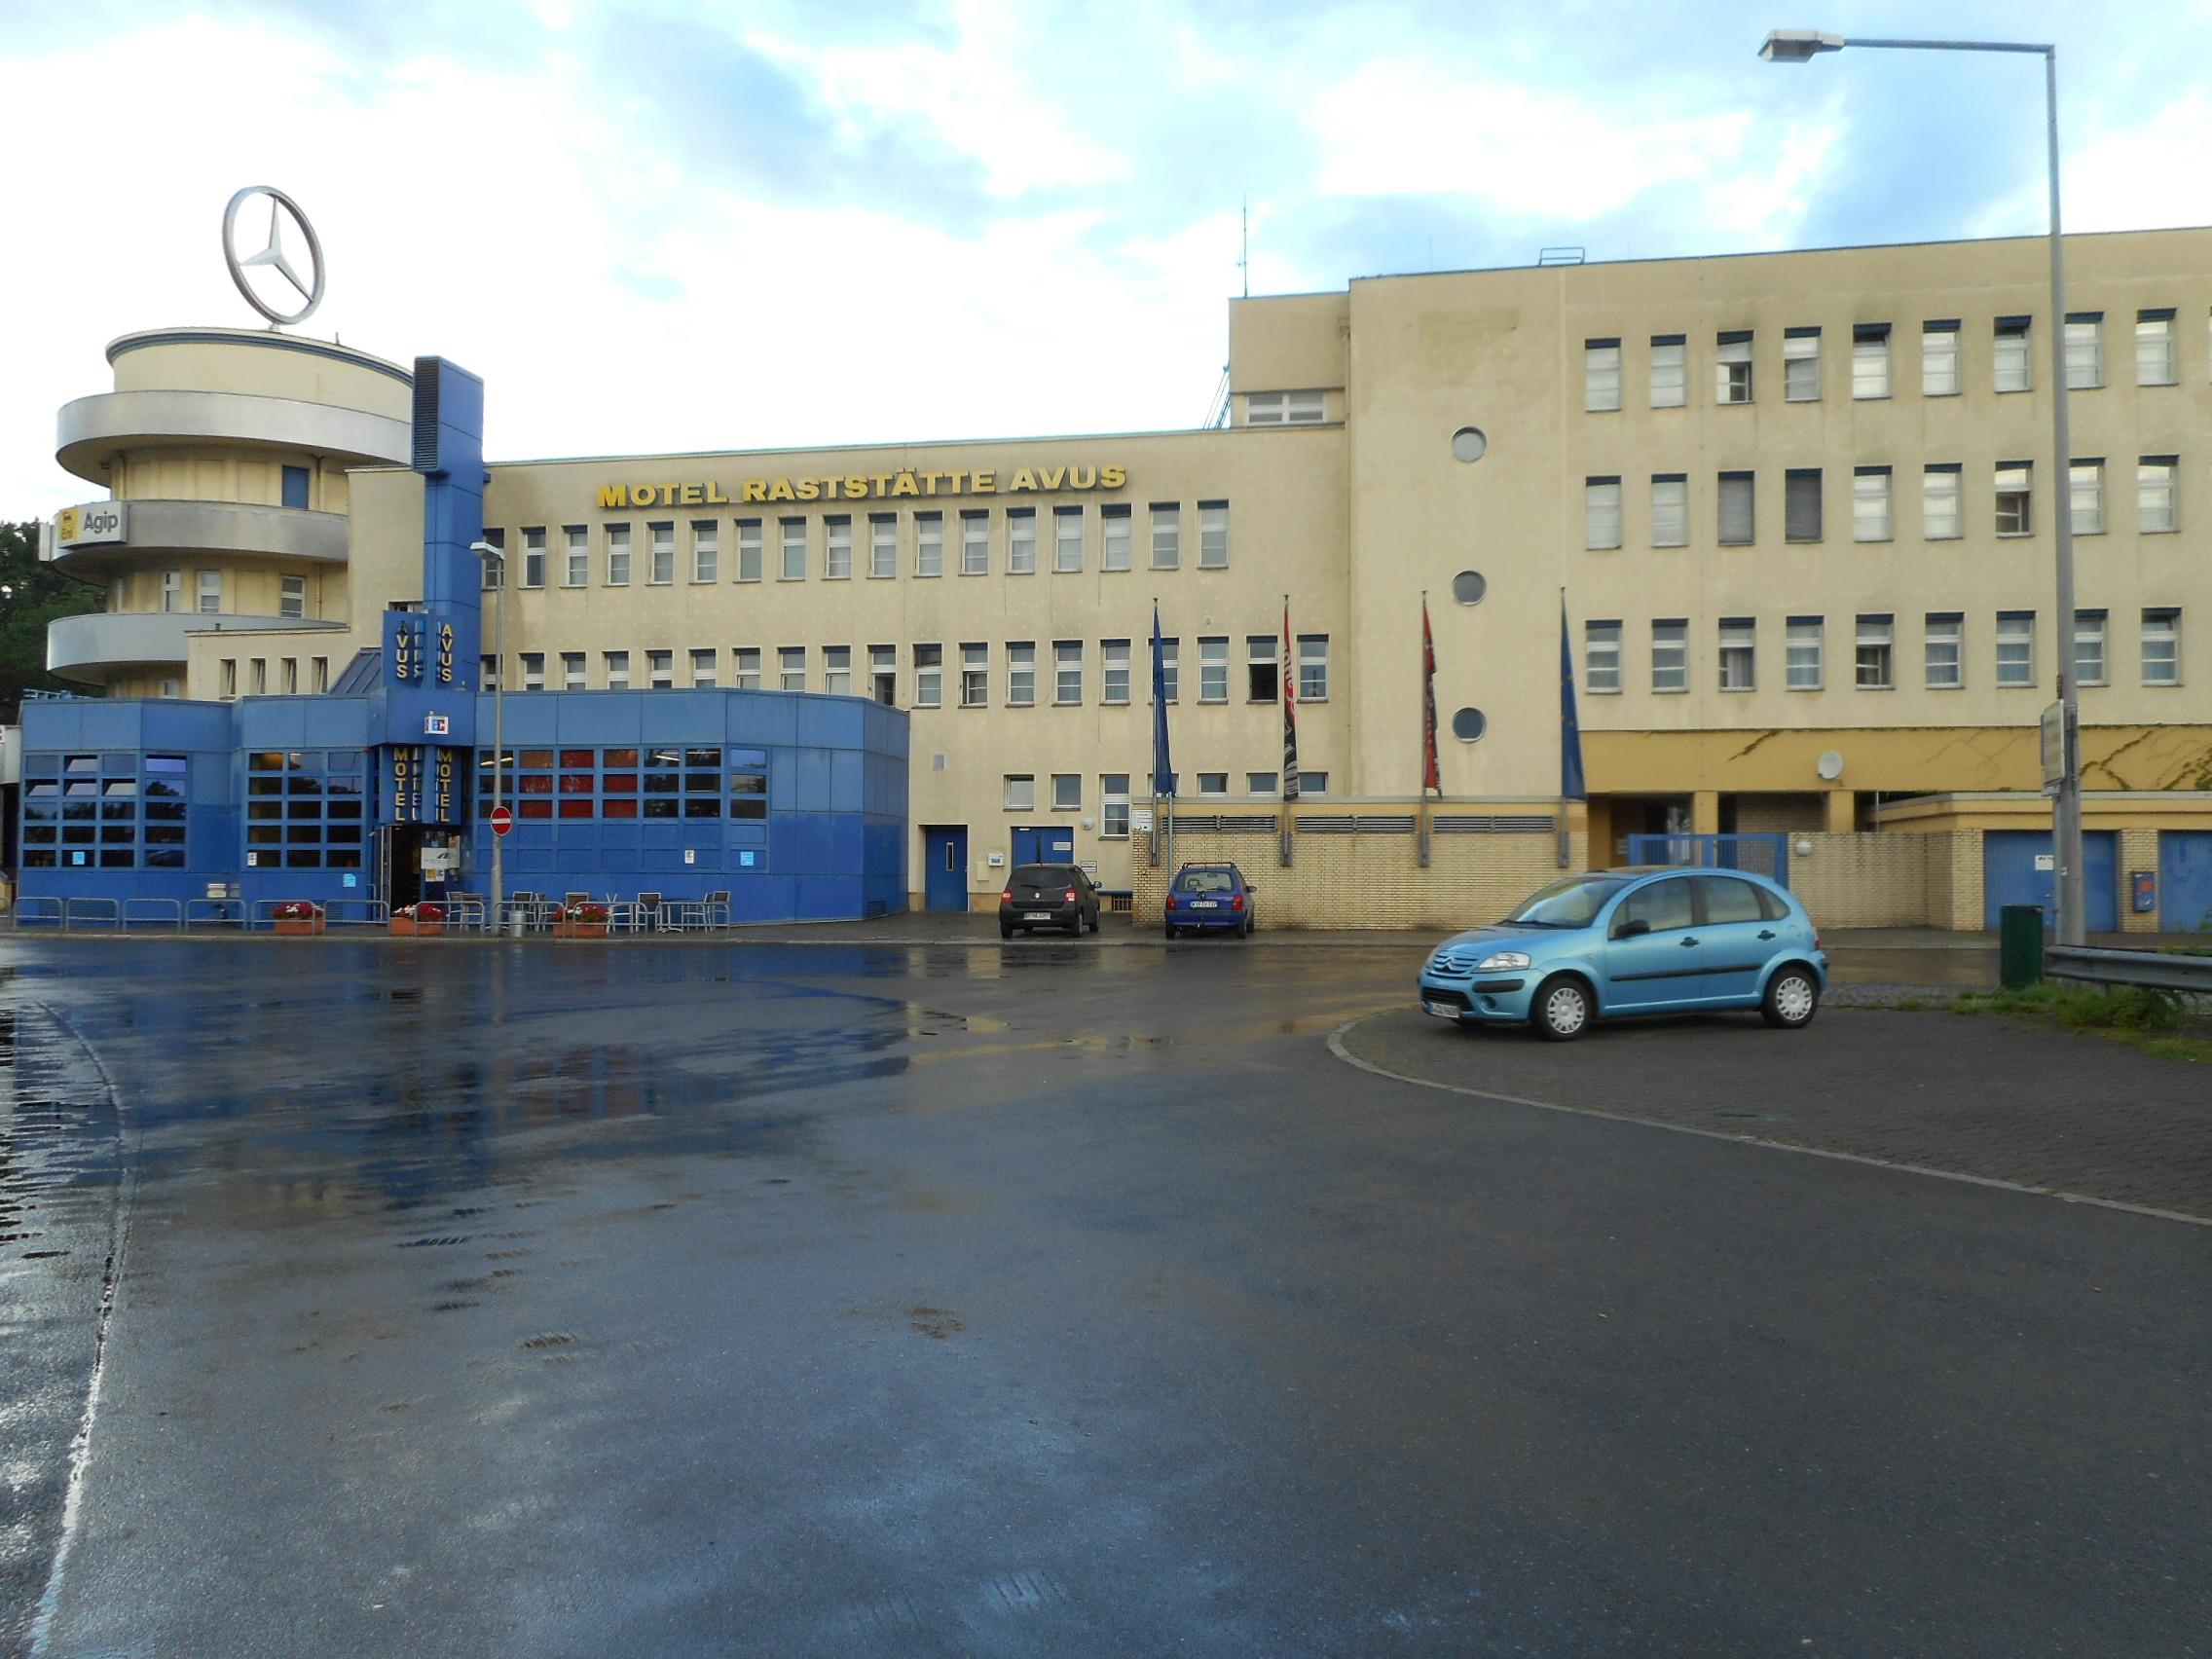 avus-motel1